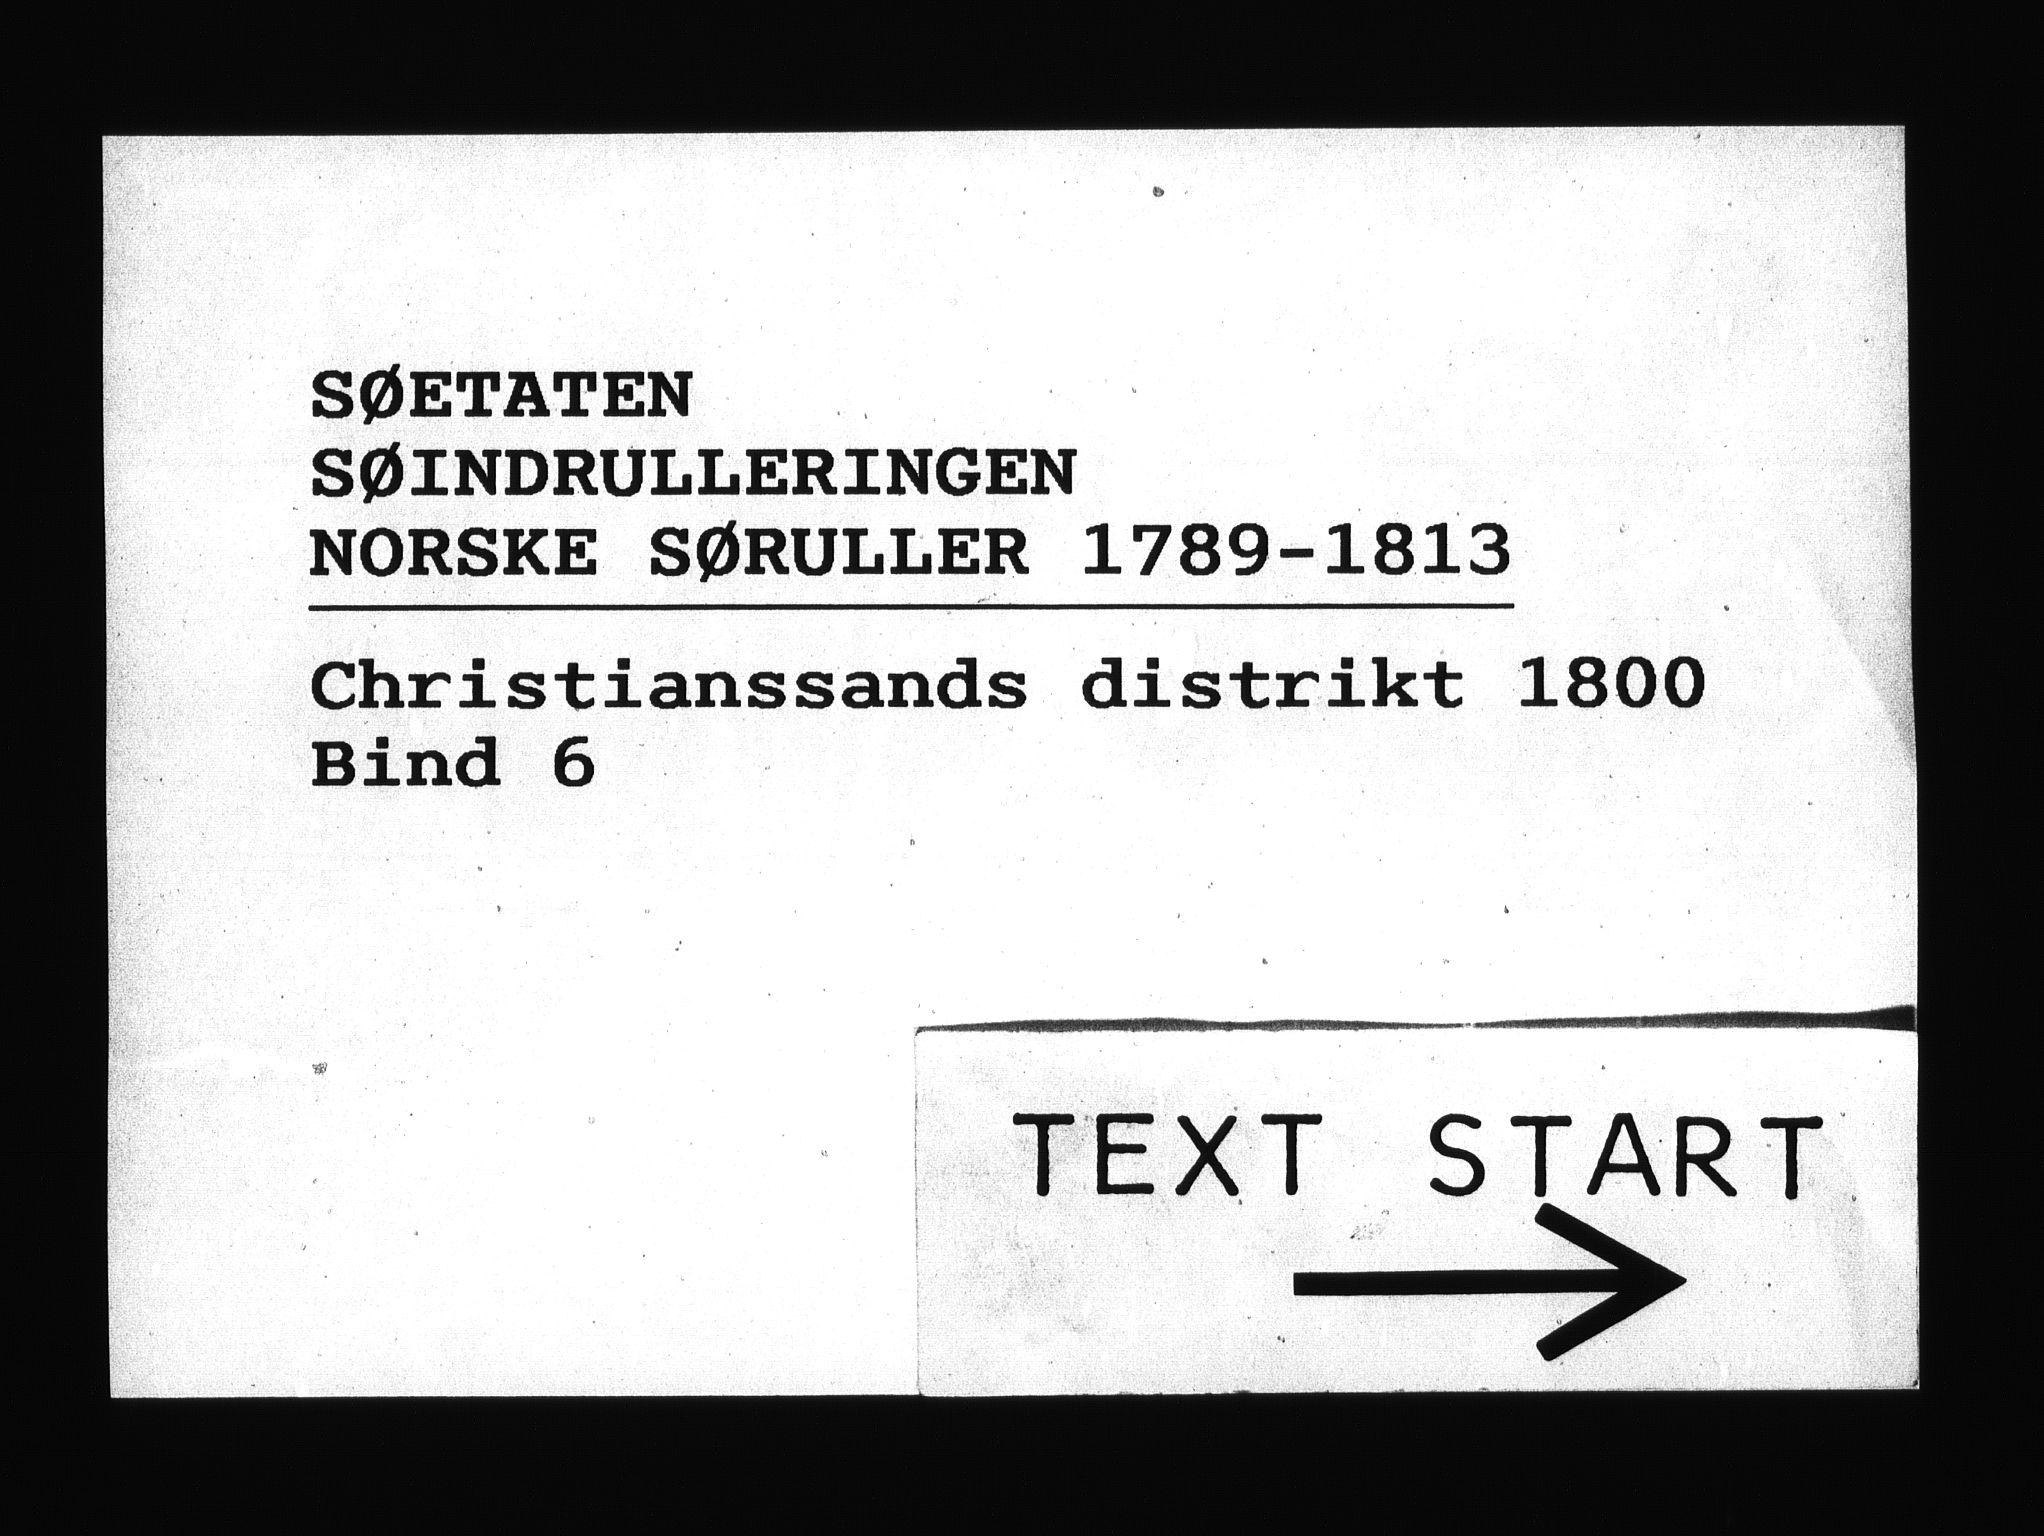 RA, Sjøetaten, F/L0041: Kristiansand distrikt, bind 6, 1800